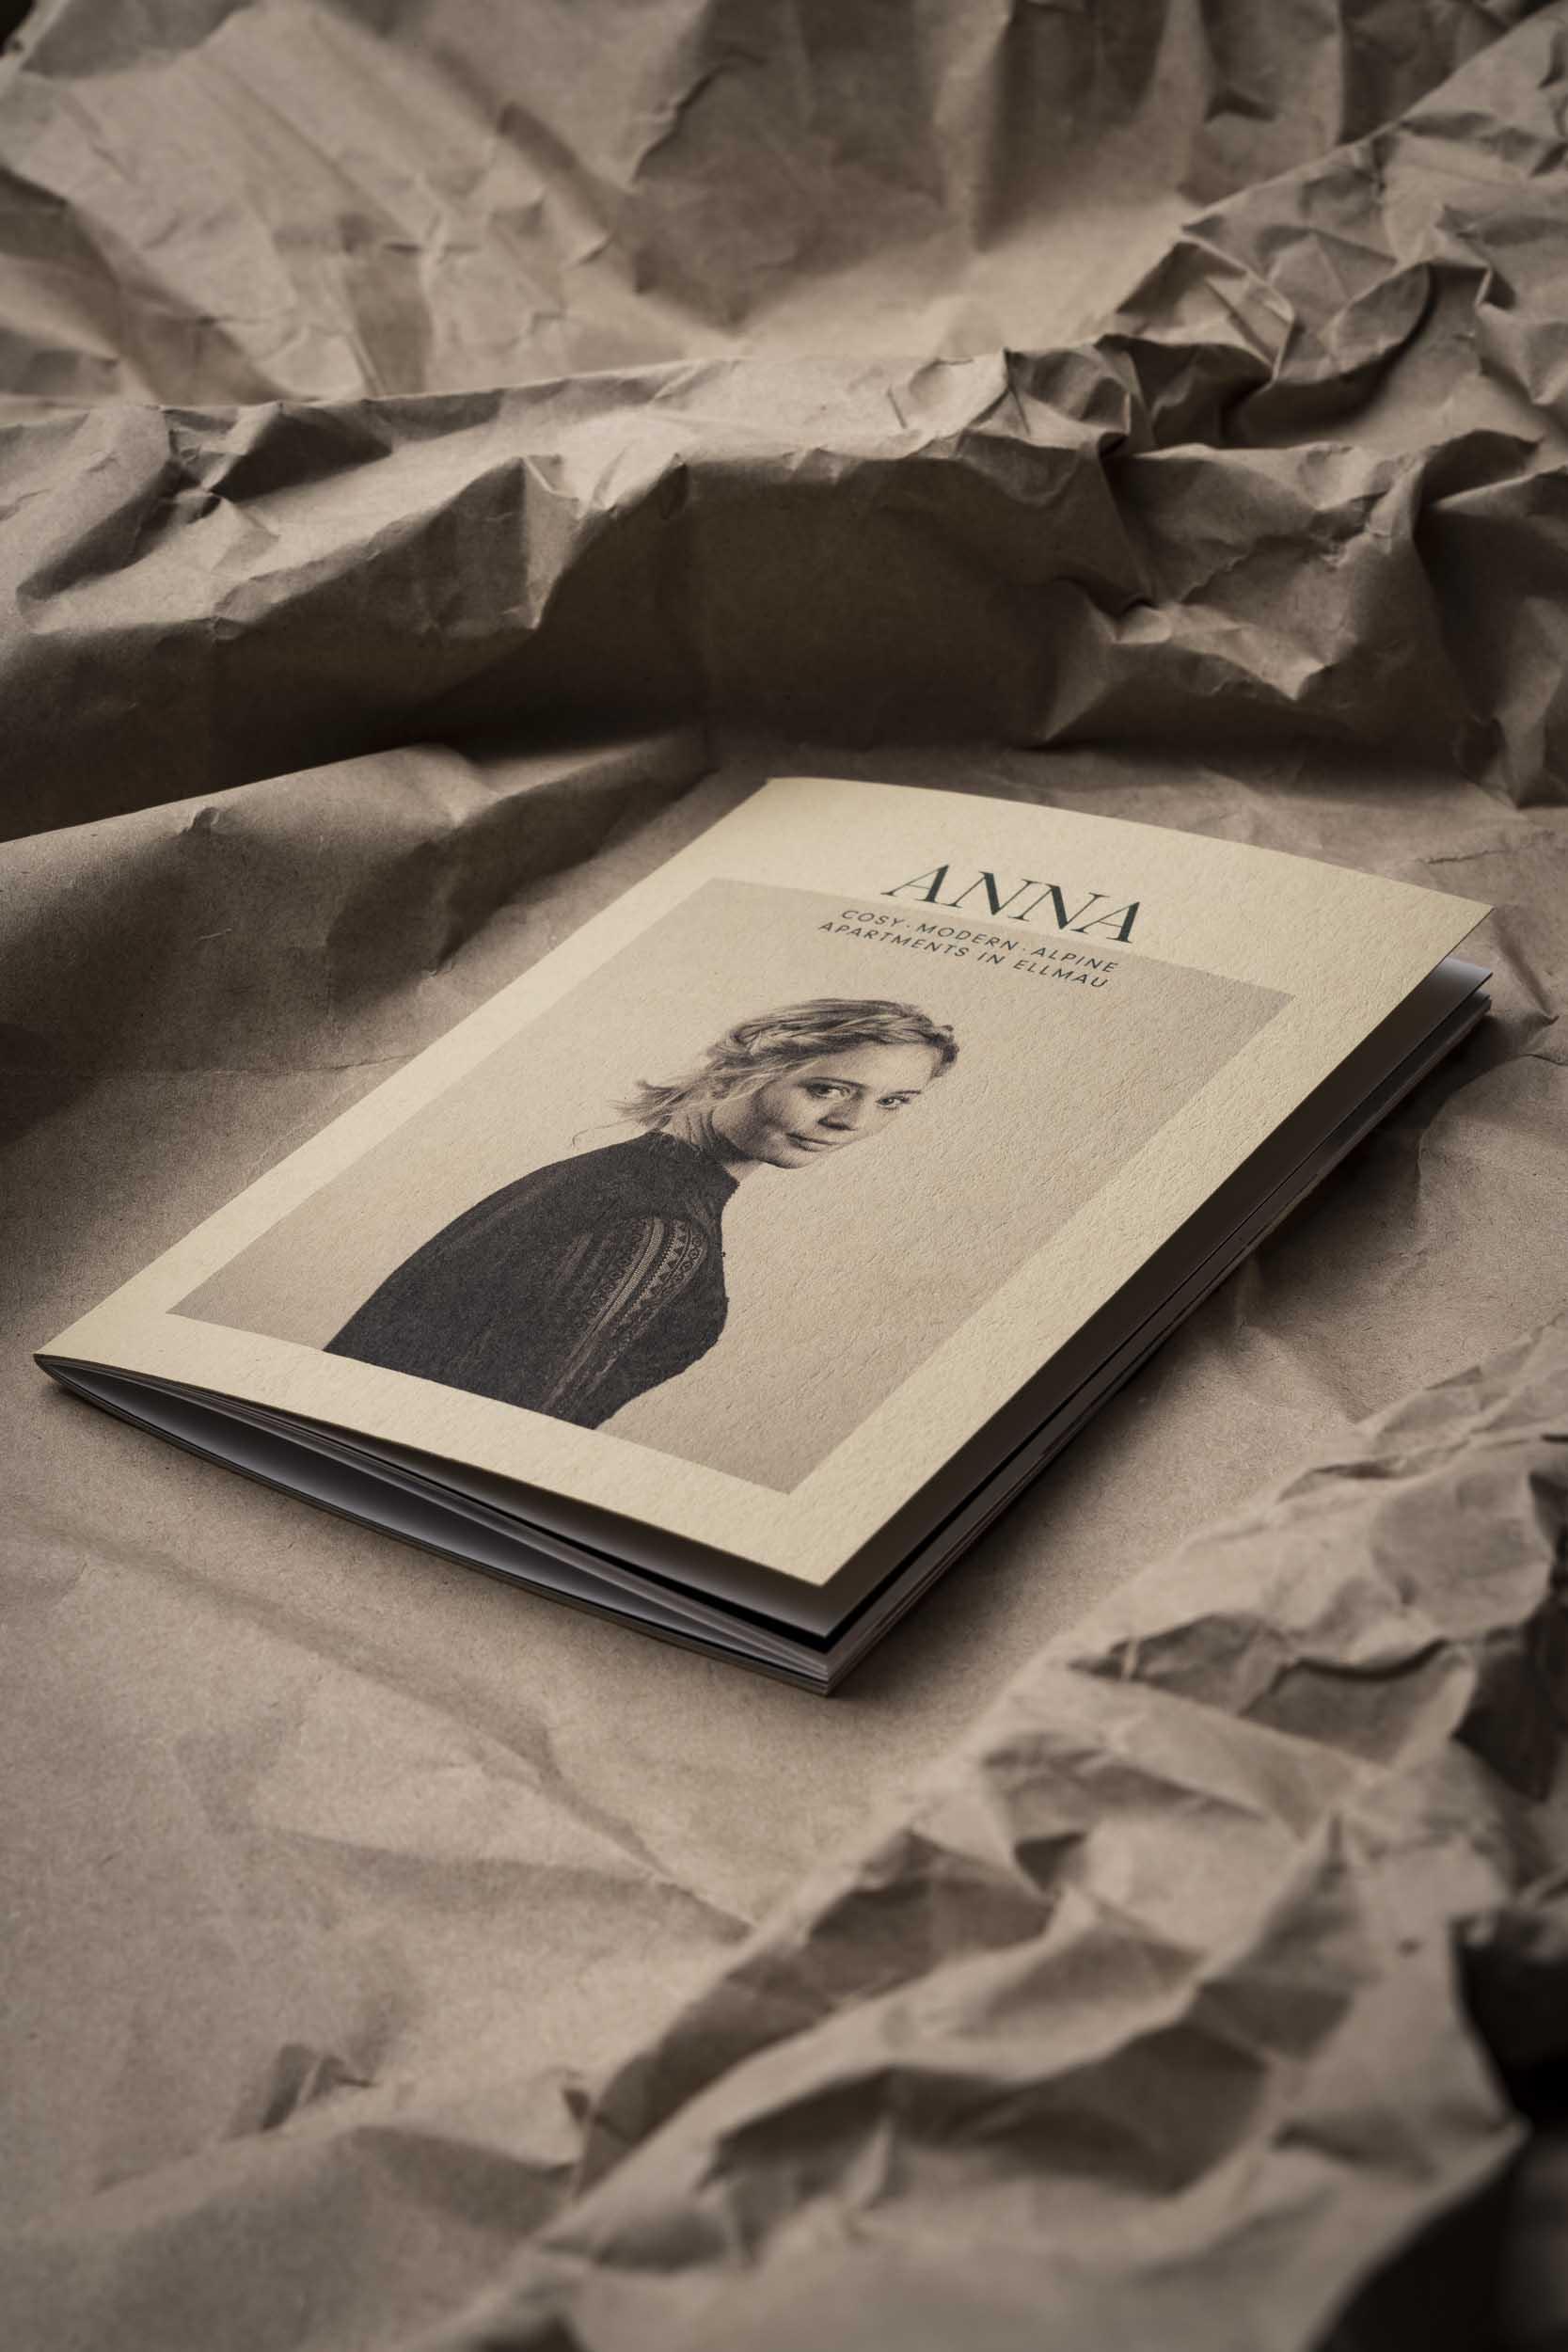 Ein Porträt von Anna ziert das Titelbild ihrer handlichen Imagebroschüre.